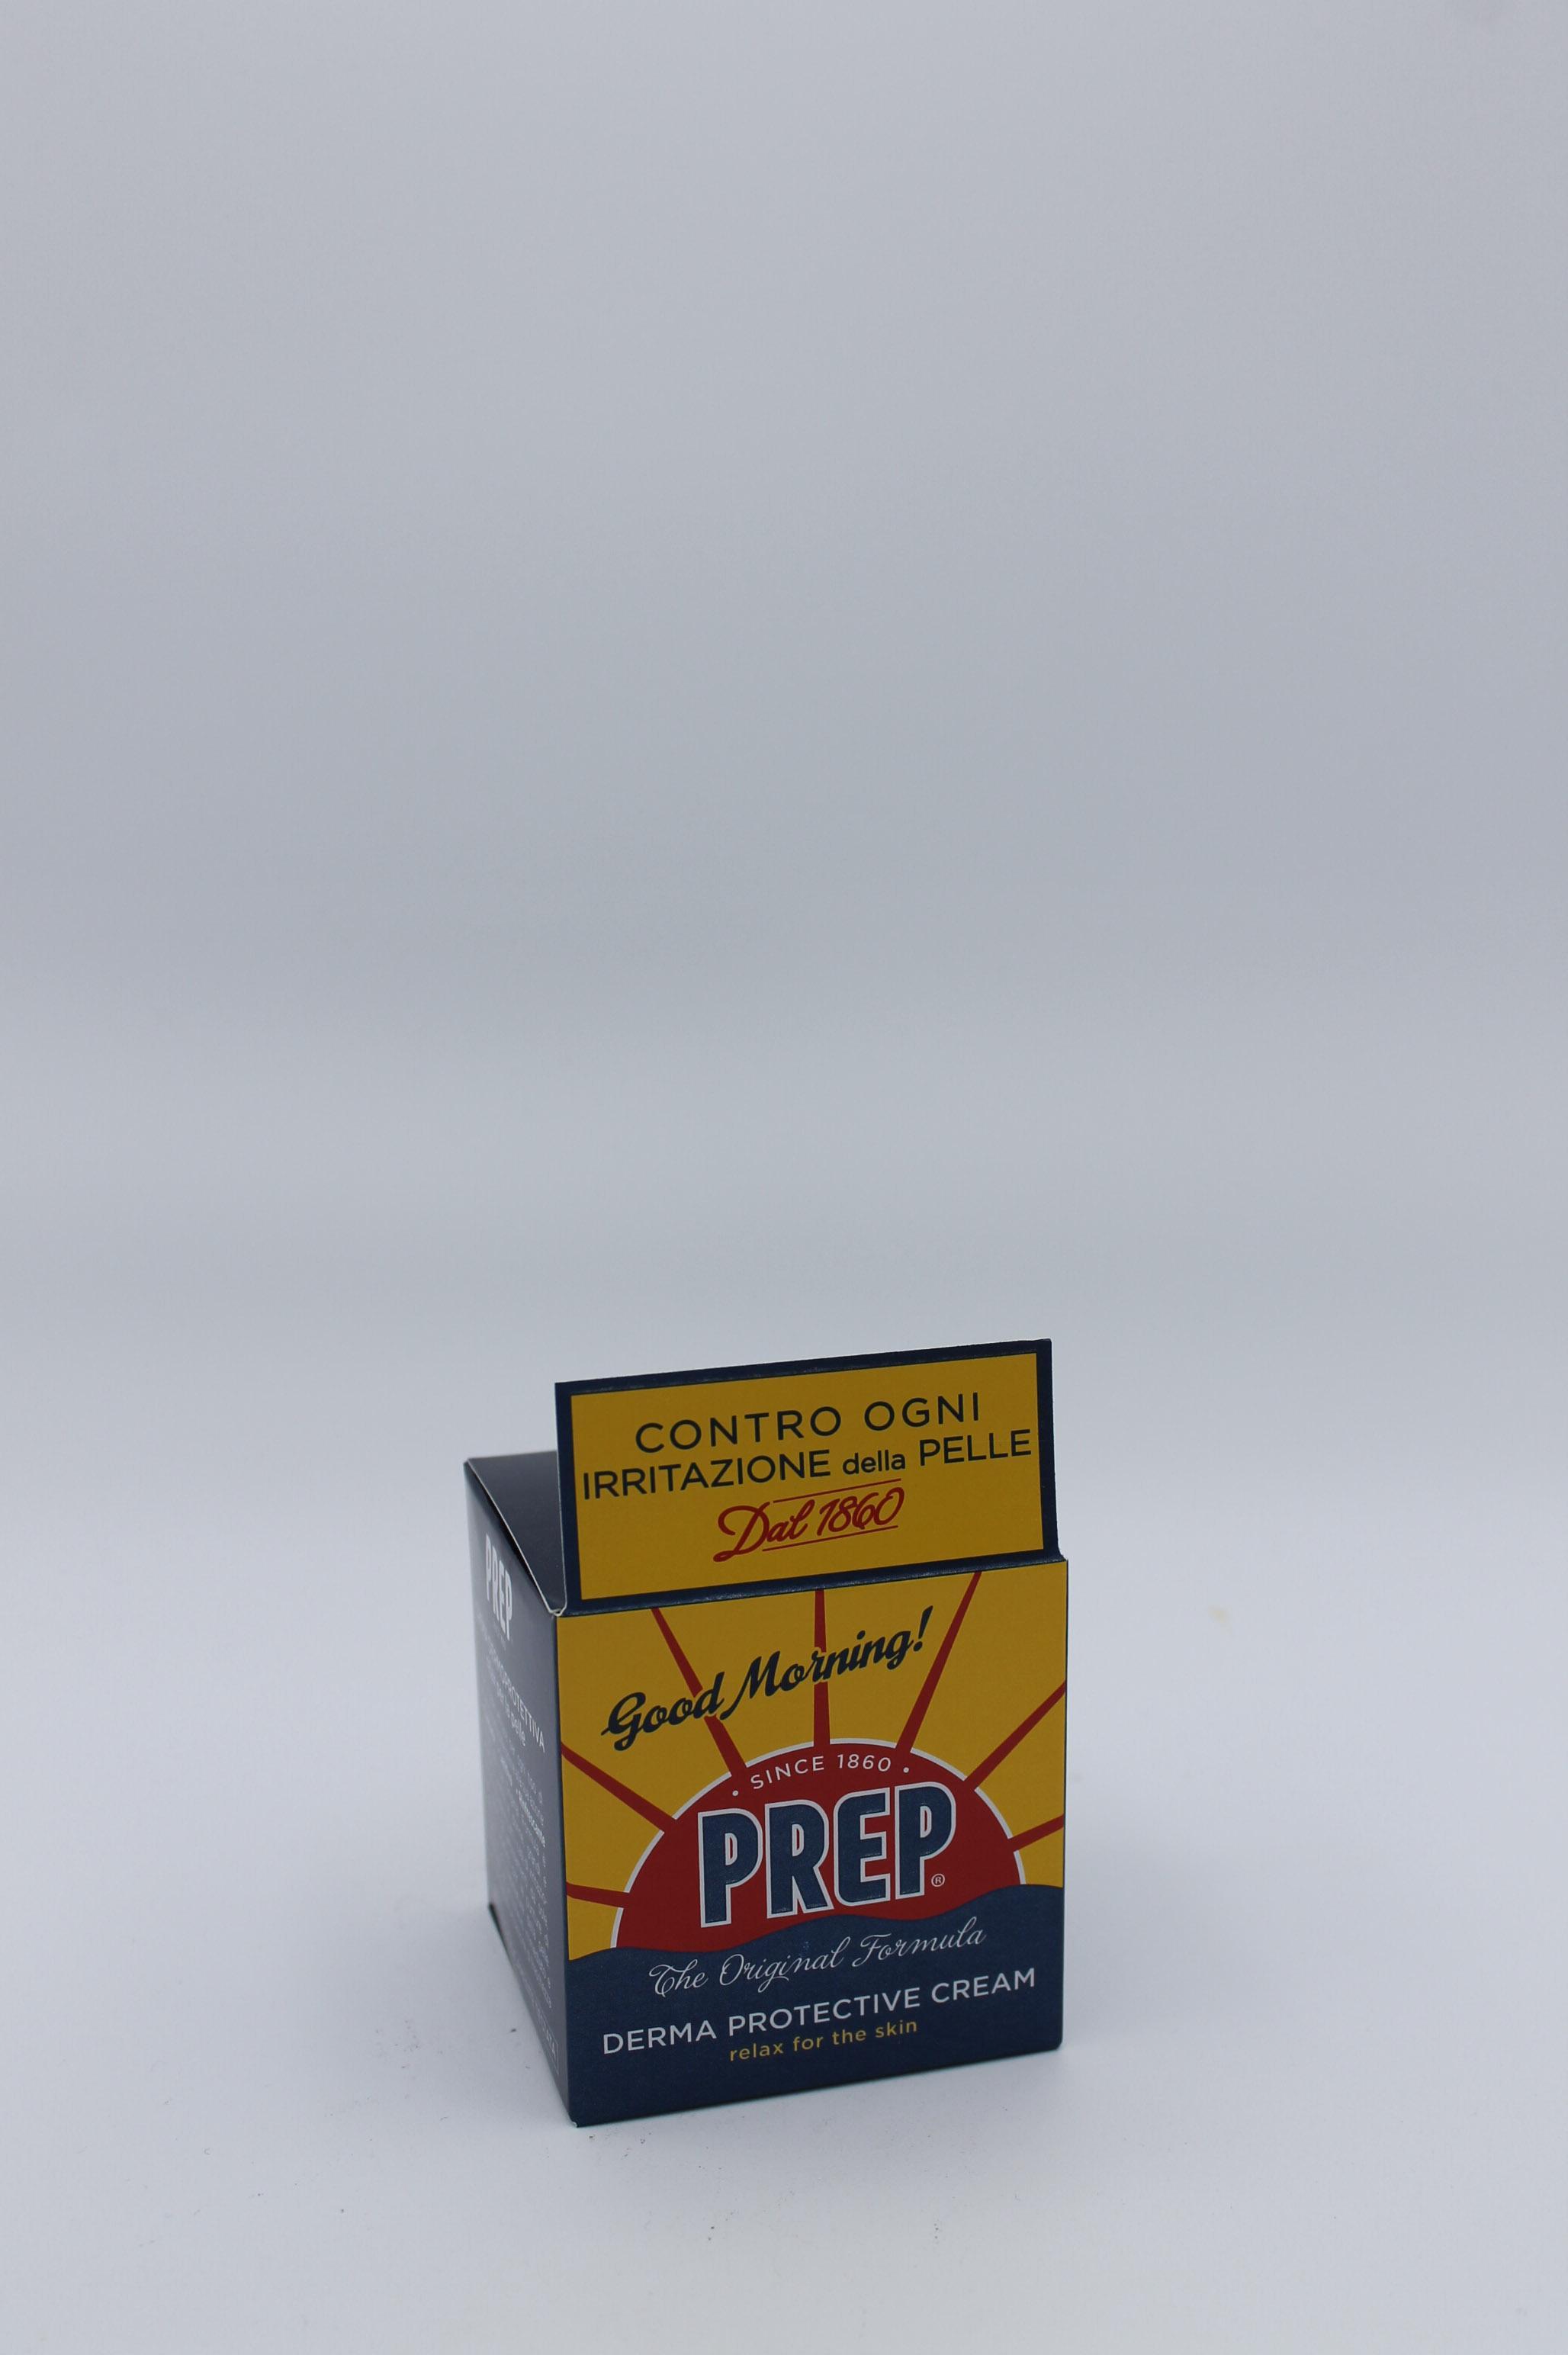 Prep crema dermoprotettiva vaso 75ml.